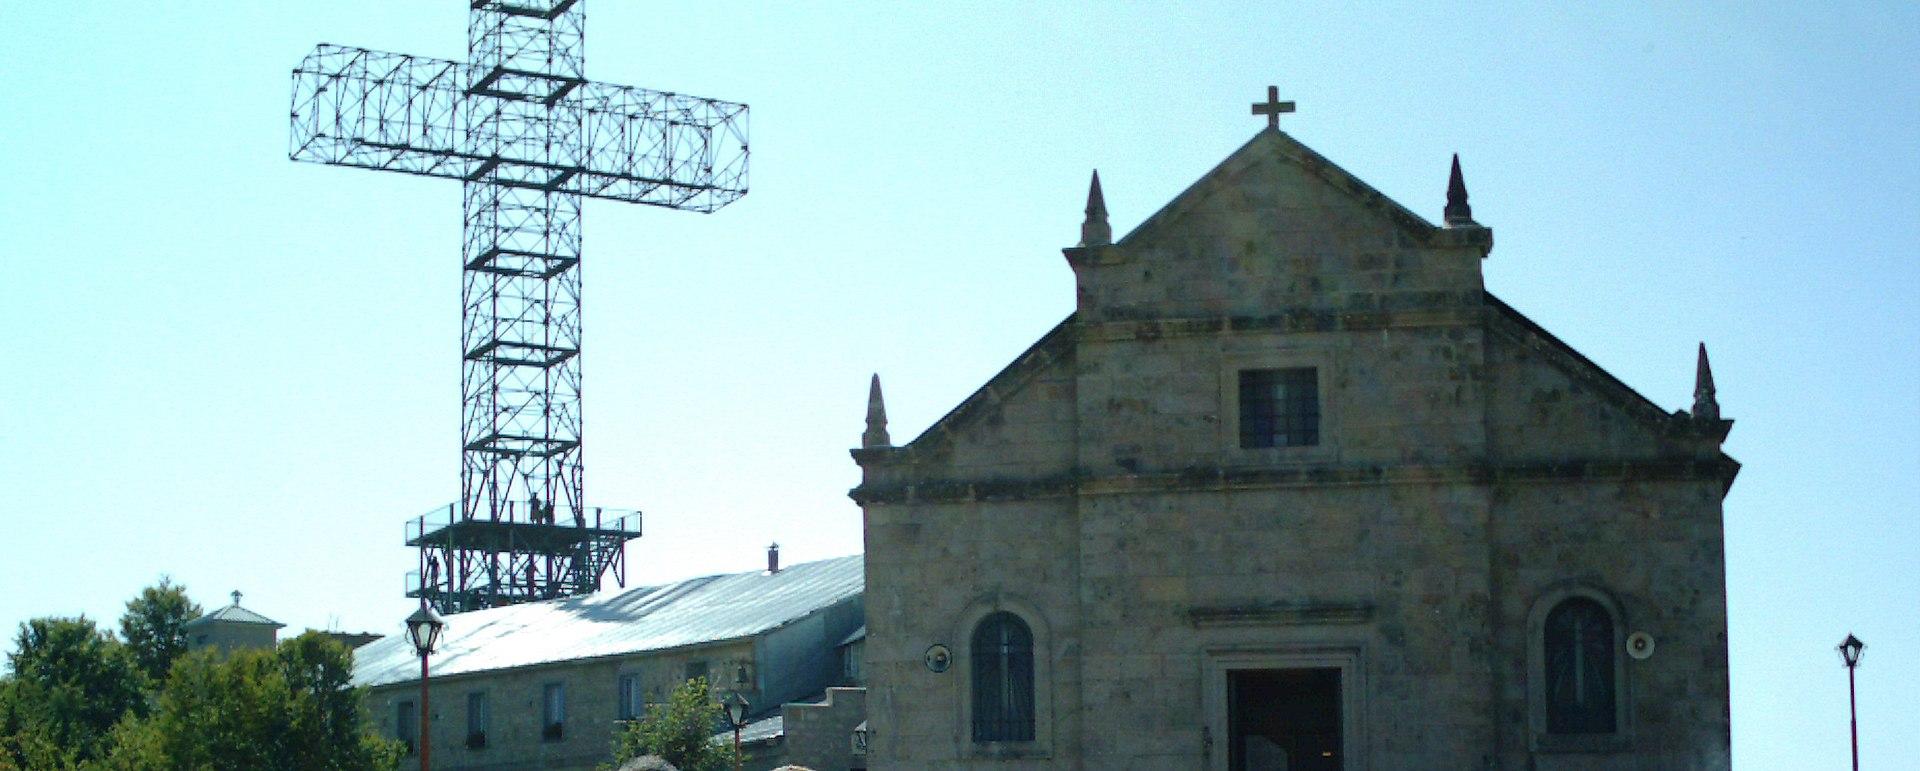 Santuario Monte Sacro Novi Velia.JPG